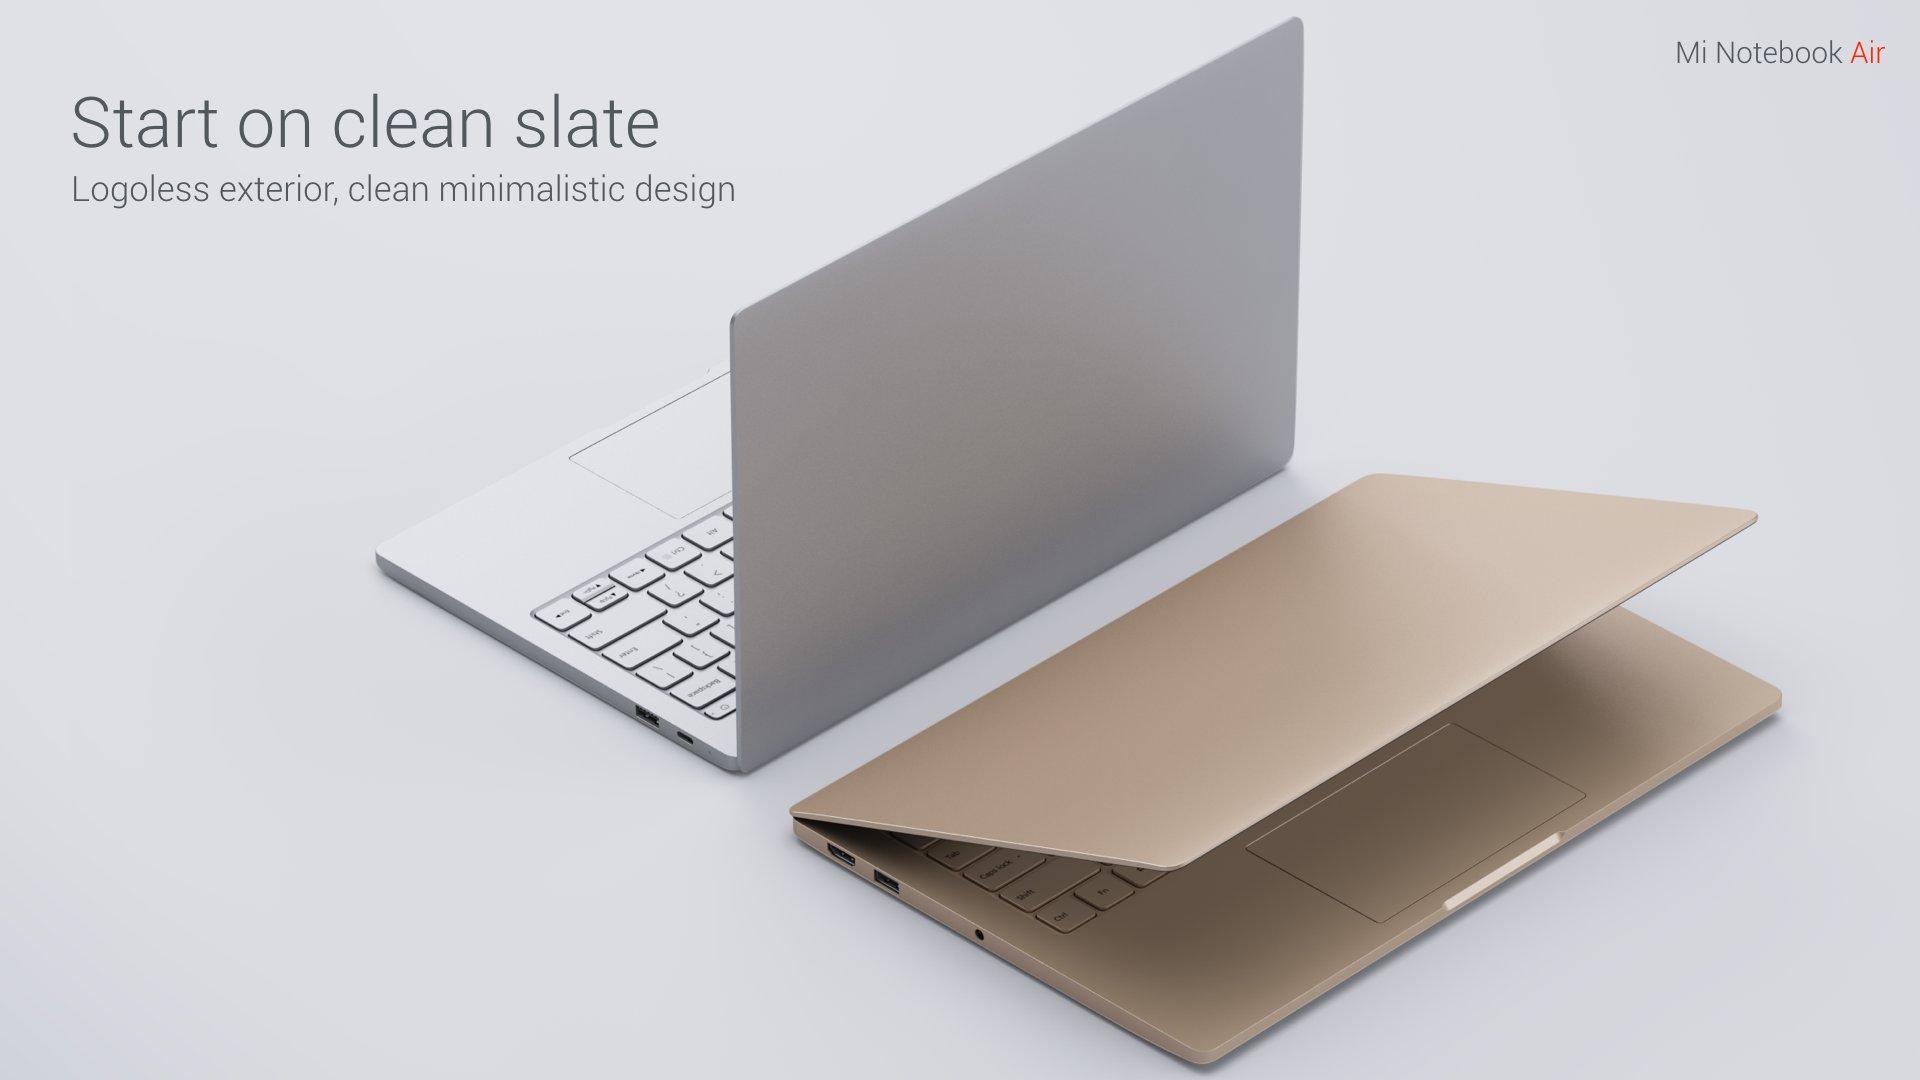 Xiaomi Mi Notebook Air 2